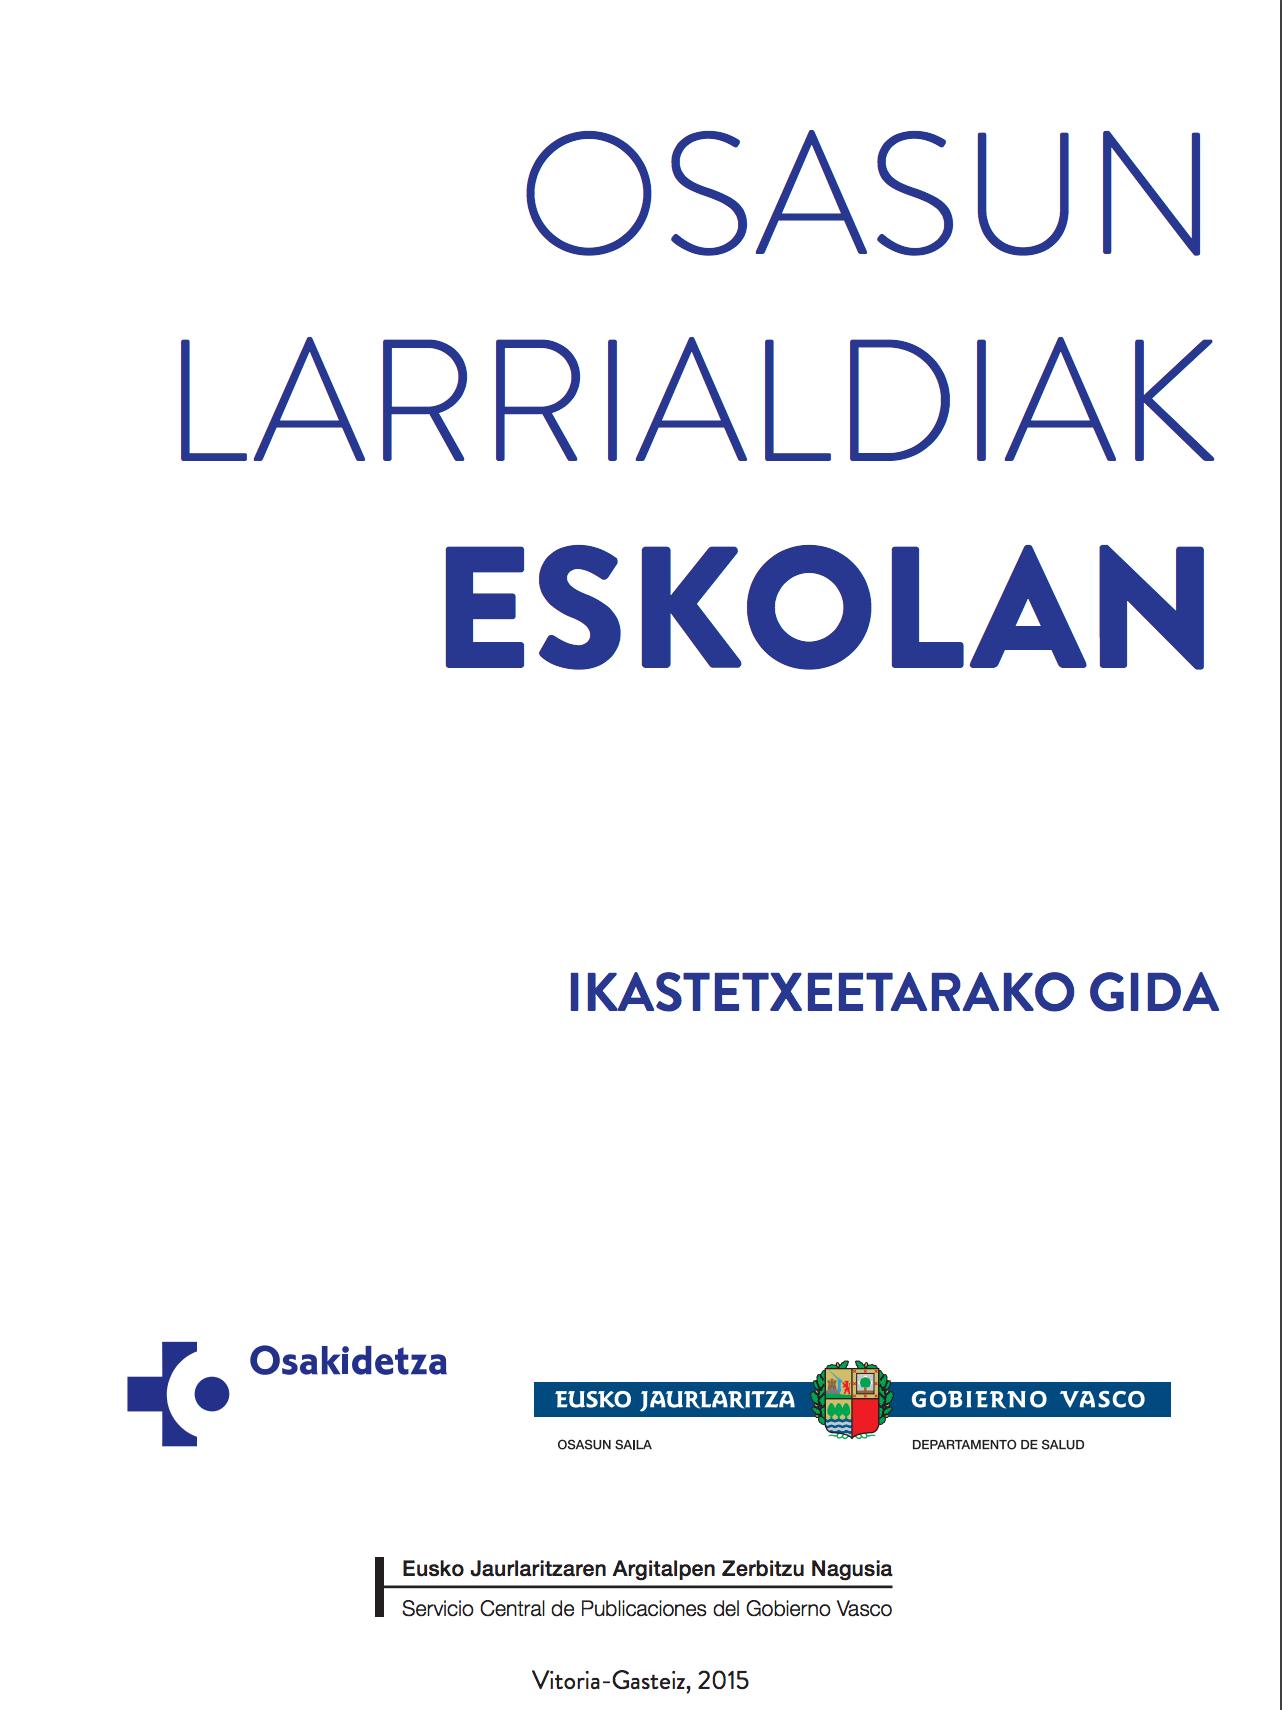 OSASUN LARRIALDIAK ESKOLA, IKASTETXEETARAKO GIDA